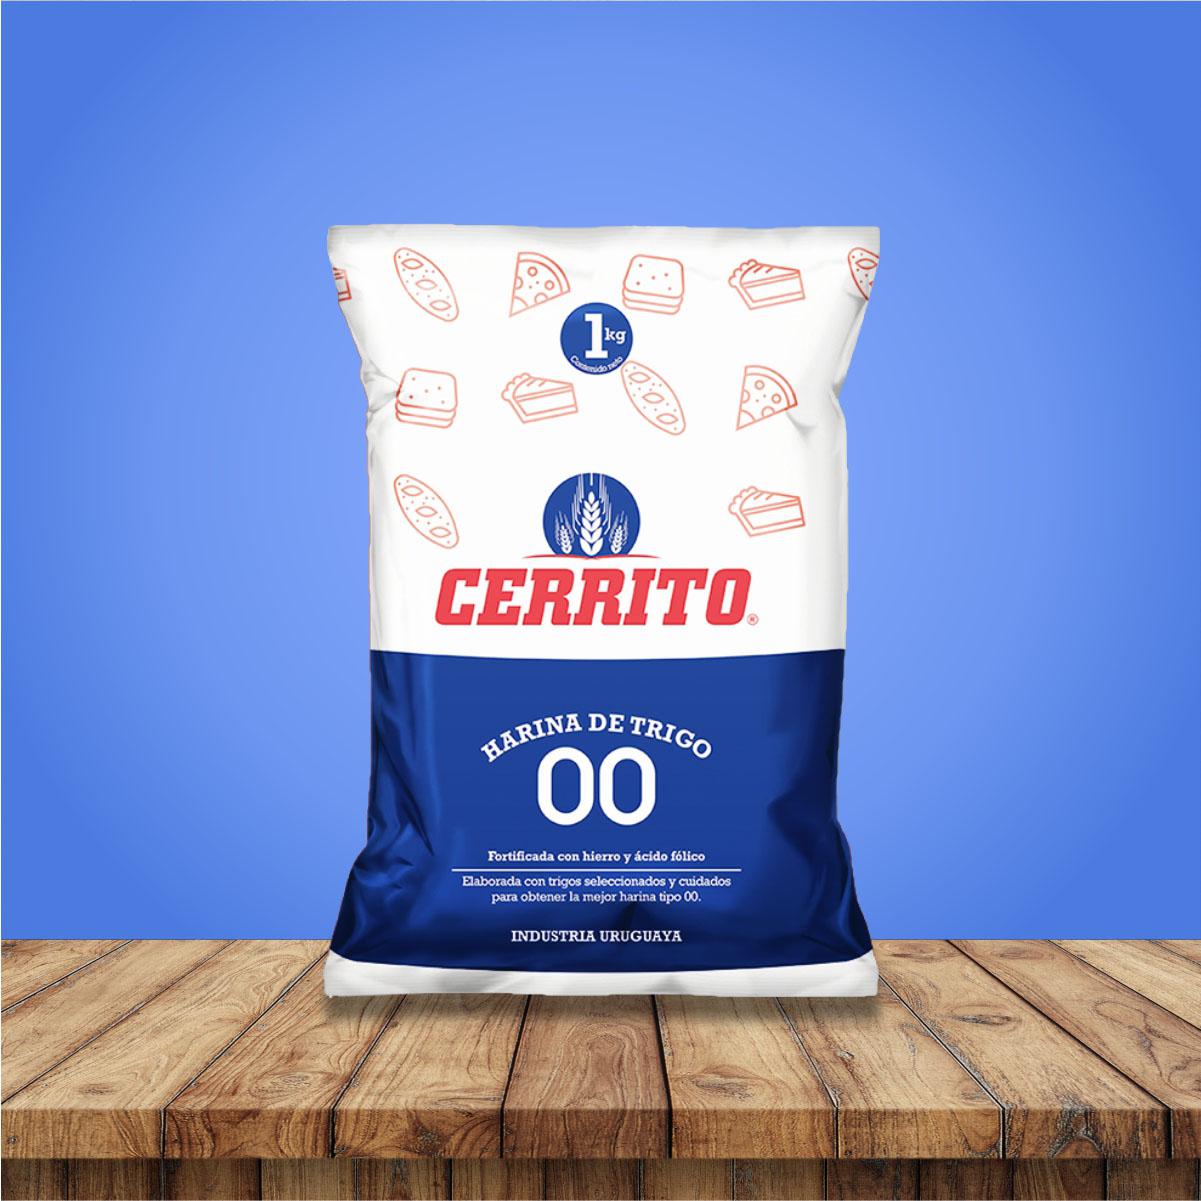 Cerrito-web-1